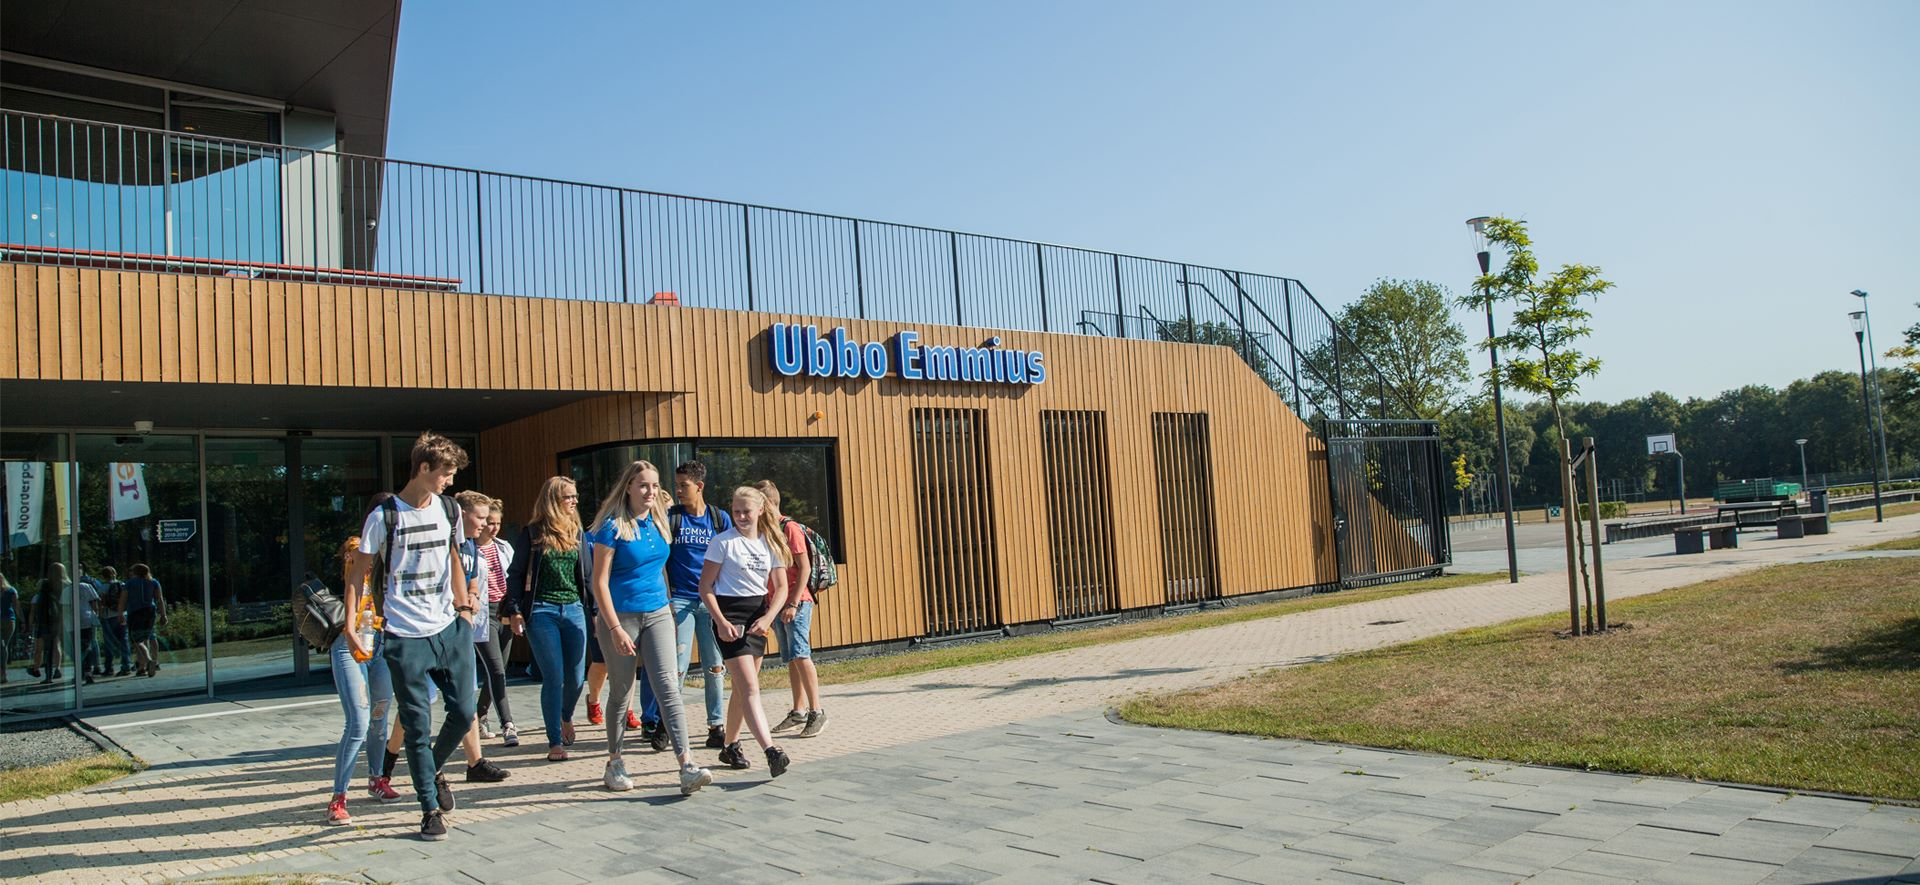 https://www.ubboemmius.nl/wp-content/uploads/2018/09/20180820_Ubbo_online_beeldmateriaal_1_overdelocatie.jpg